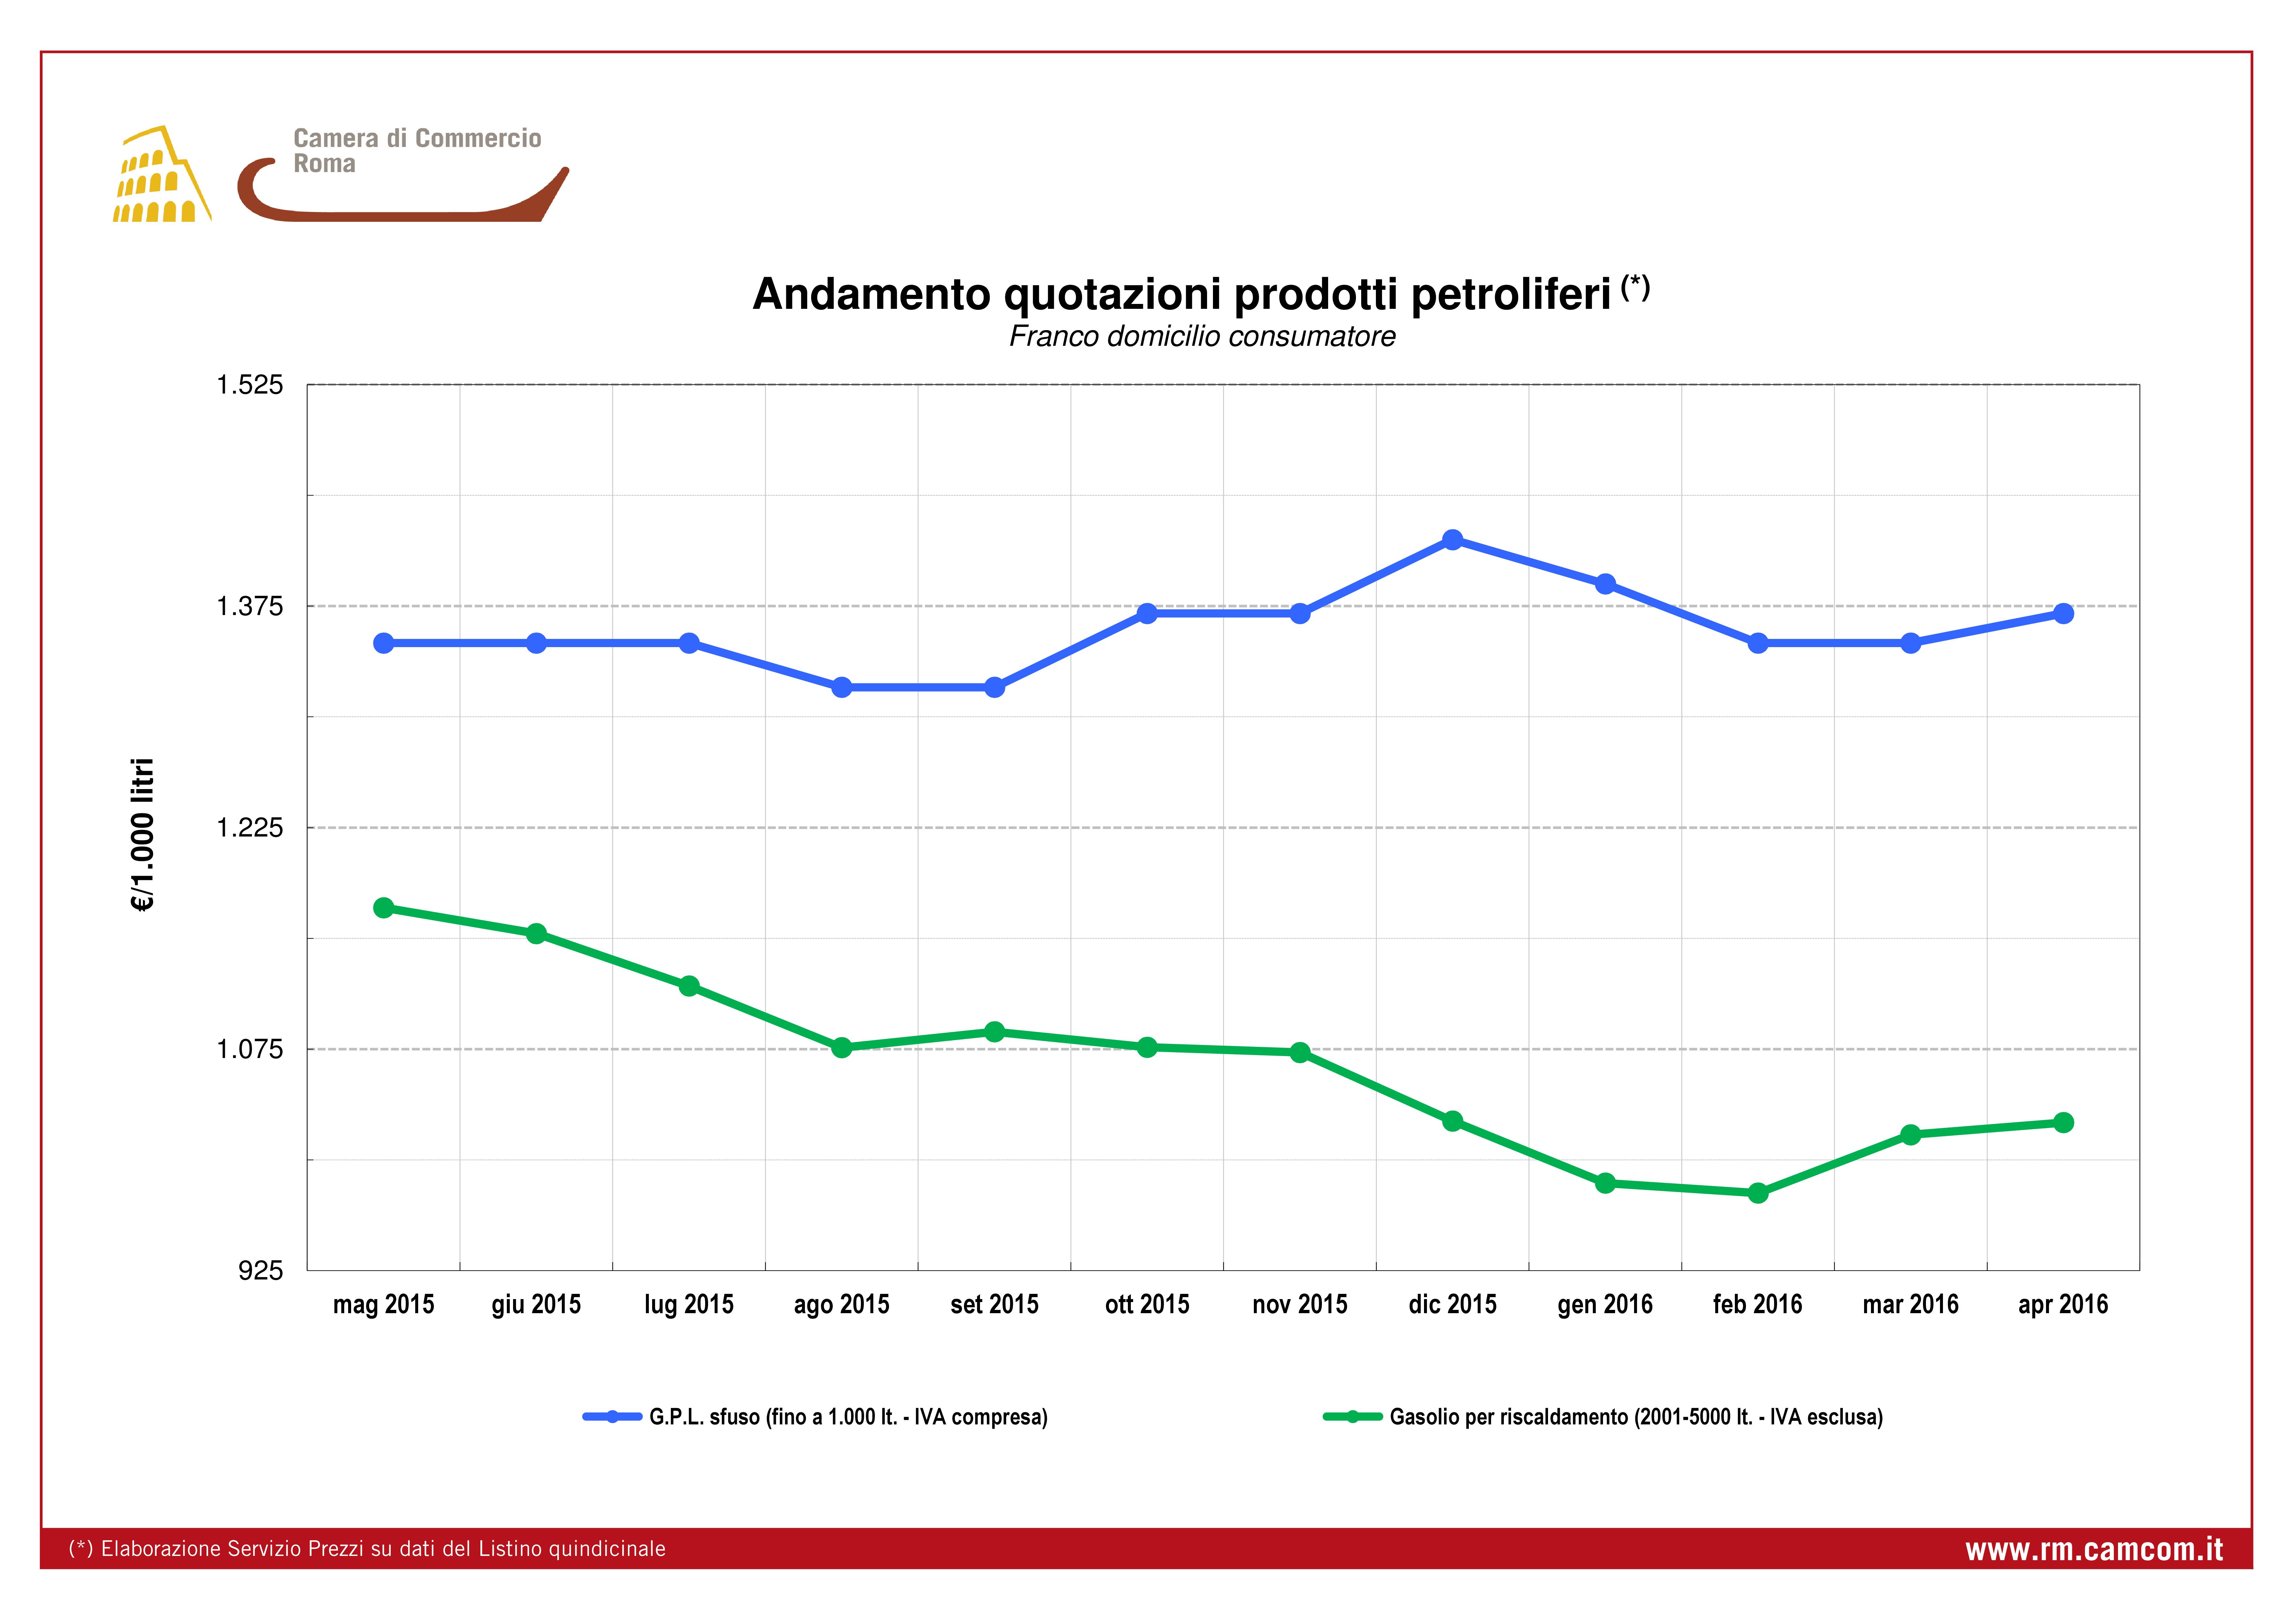 Quotazione andamento mensile prezzi prodotti petroliferi da dicembre 2012 a novembre 2013